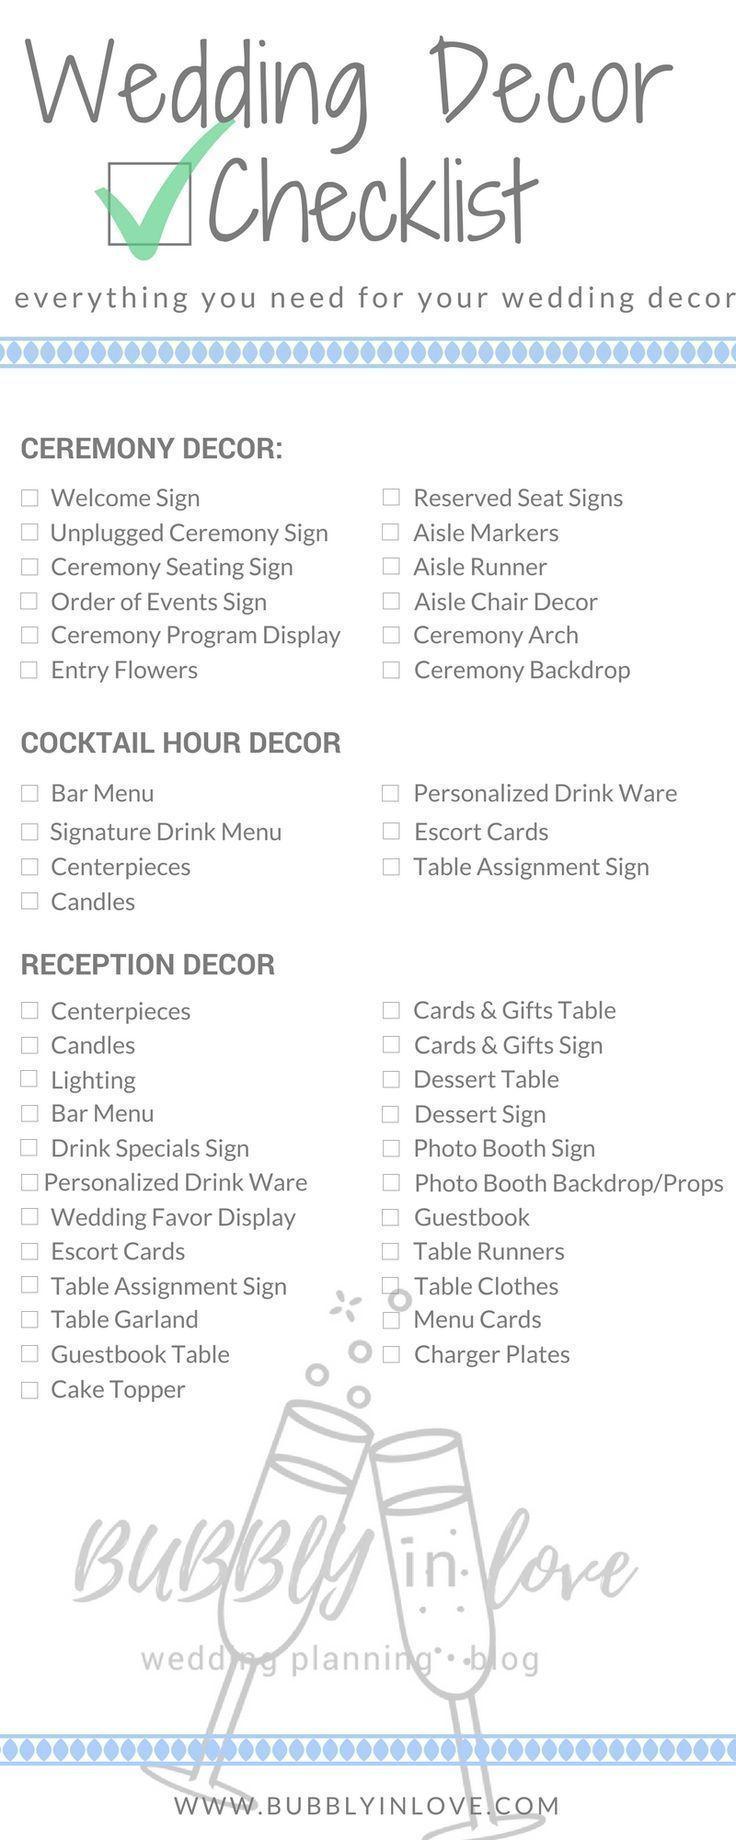 Wedding Decor Checklist | Wedding Decor | Ceremony Decor | Reception Decor | Cocktail Hour Decor | Wedding #weddingdecoration #weddingdecorations #weddingreception #weddingceremony